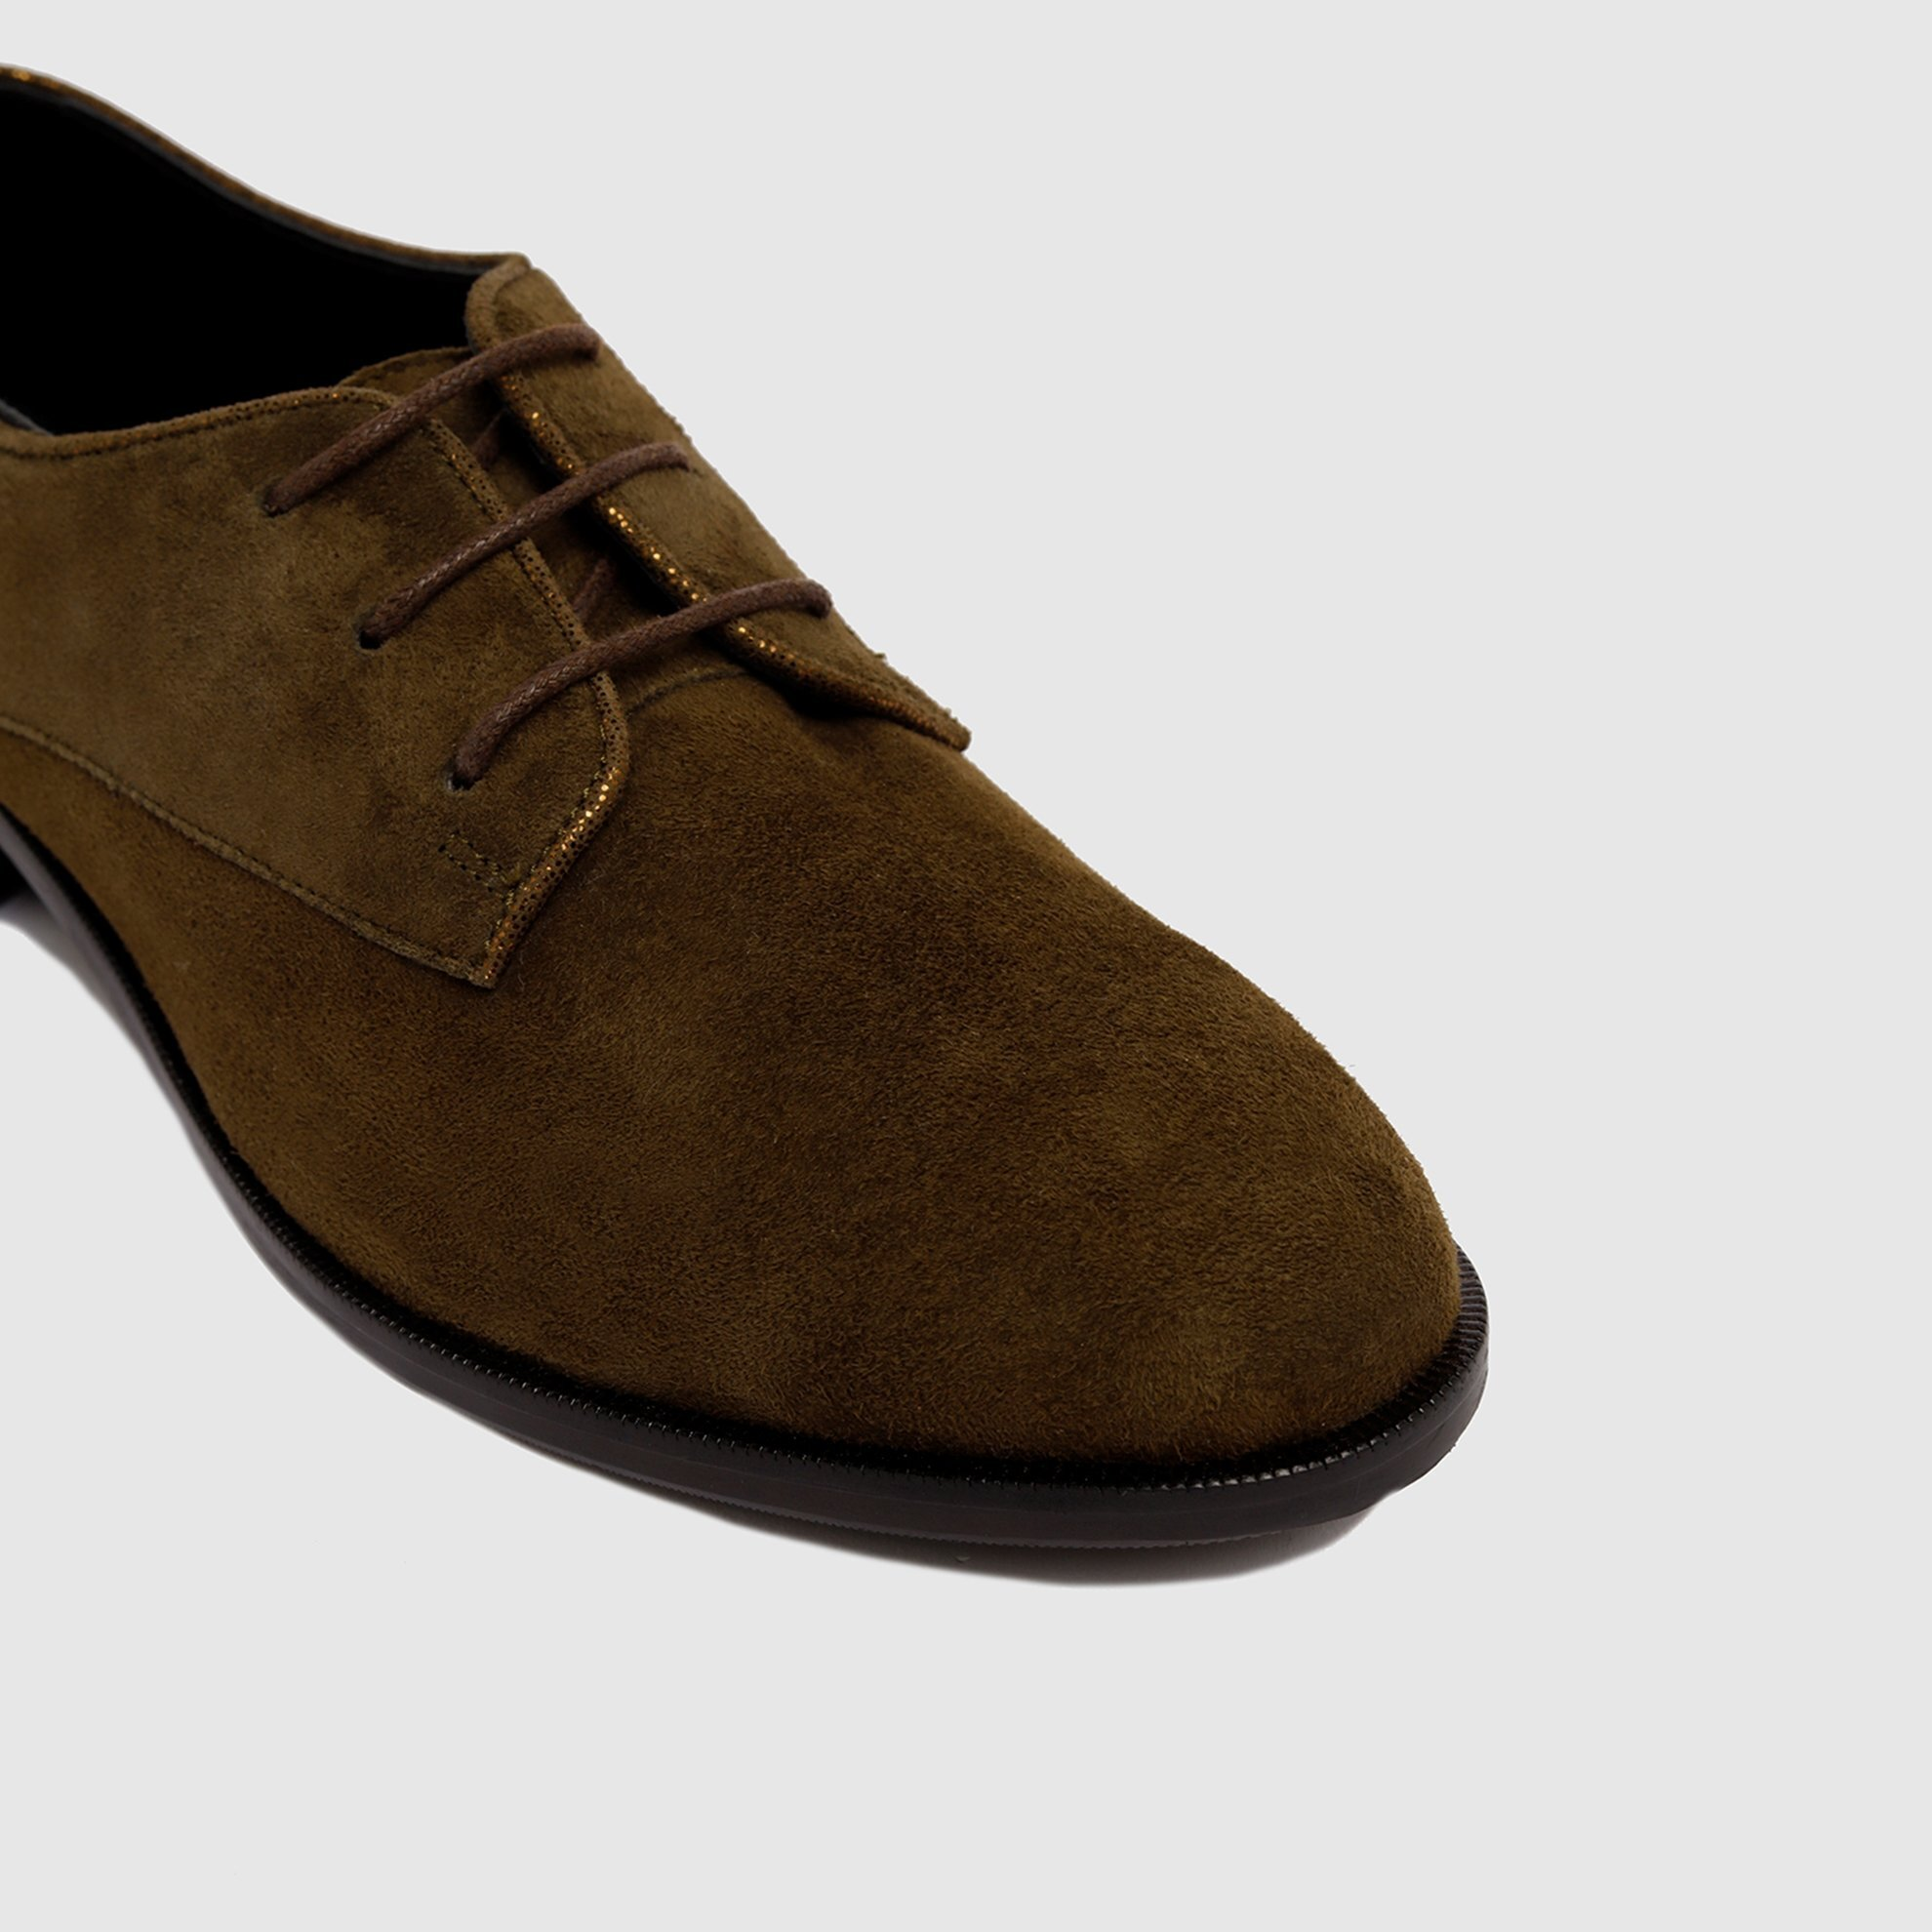 resm Süet Ayakkabı